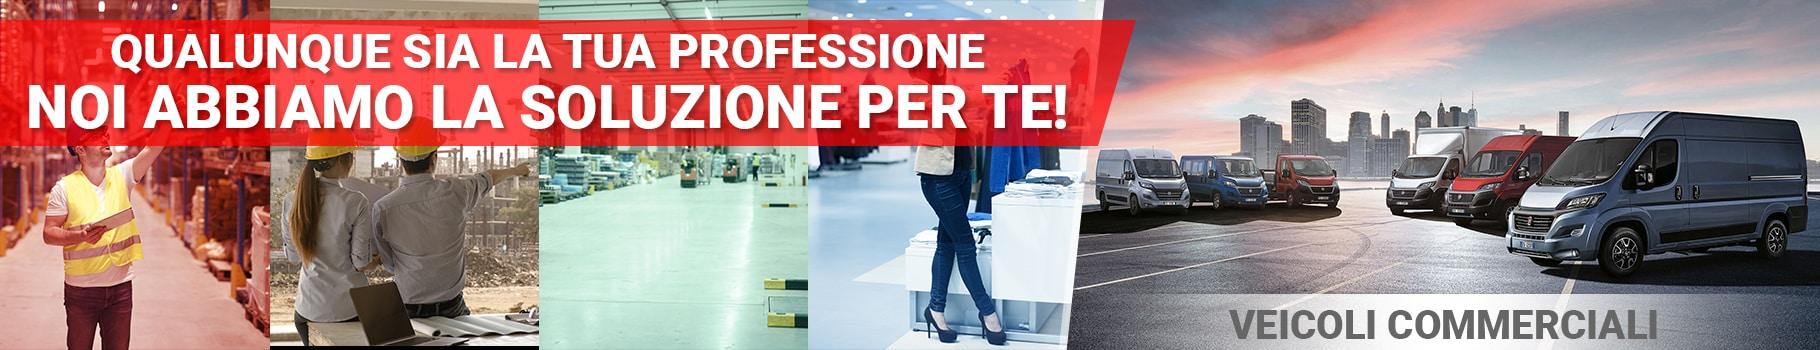 Qualunque sia la tua professione, noi abbiamo la soluzione per te!